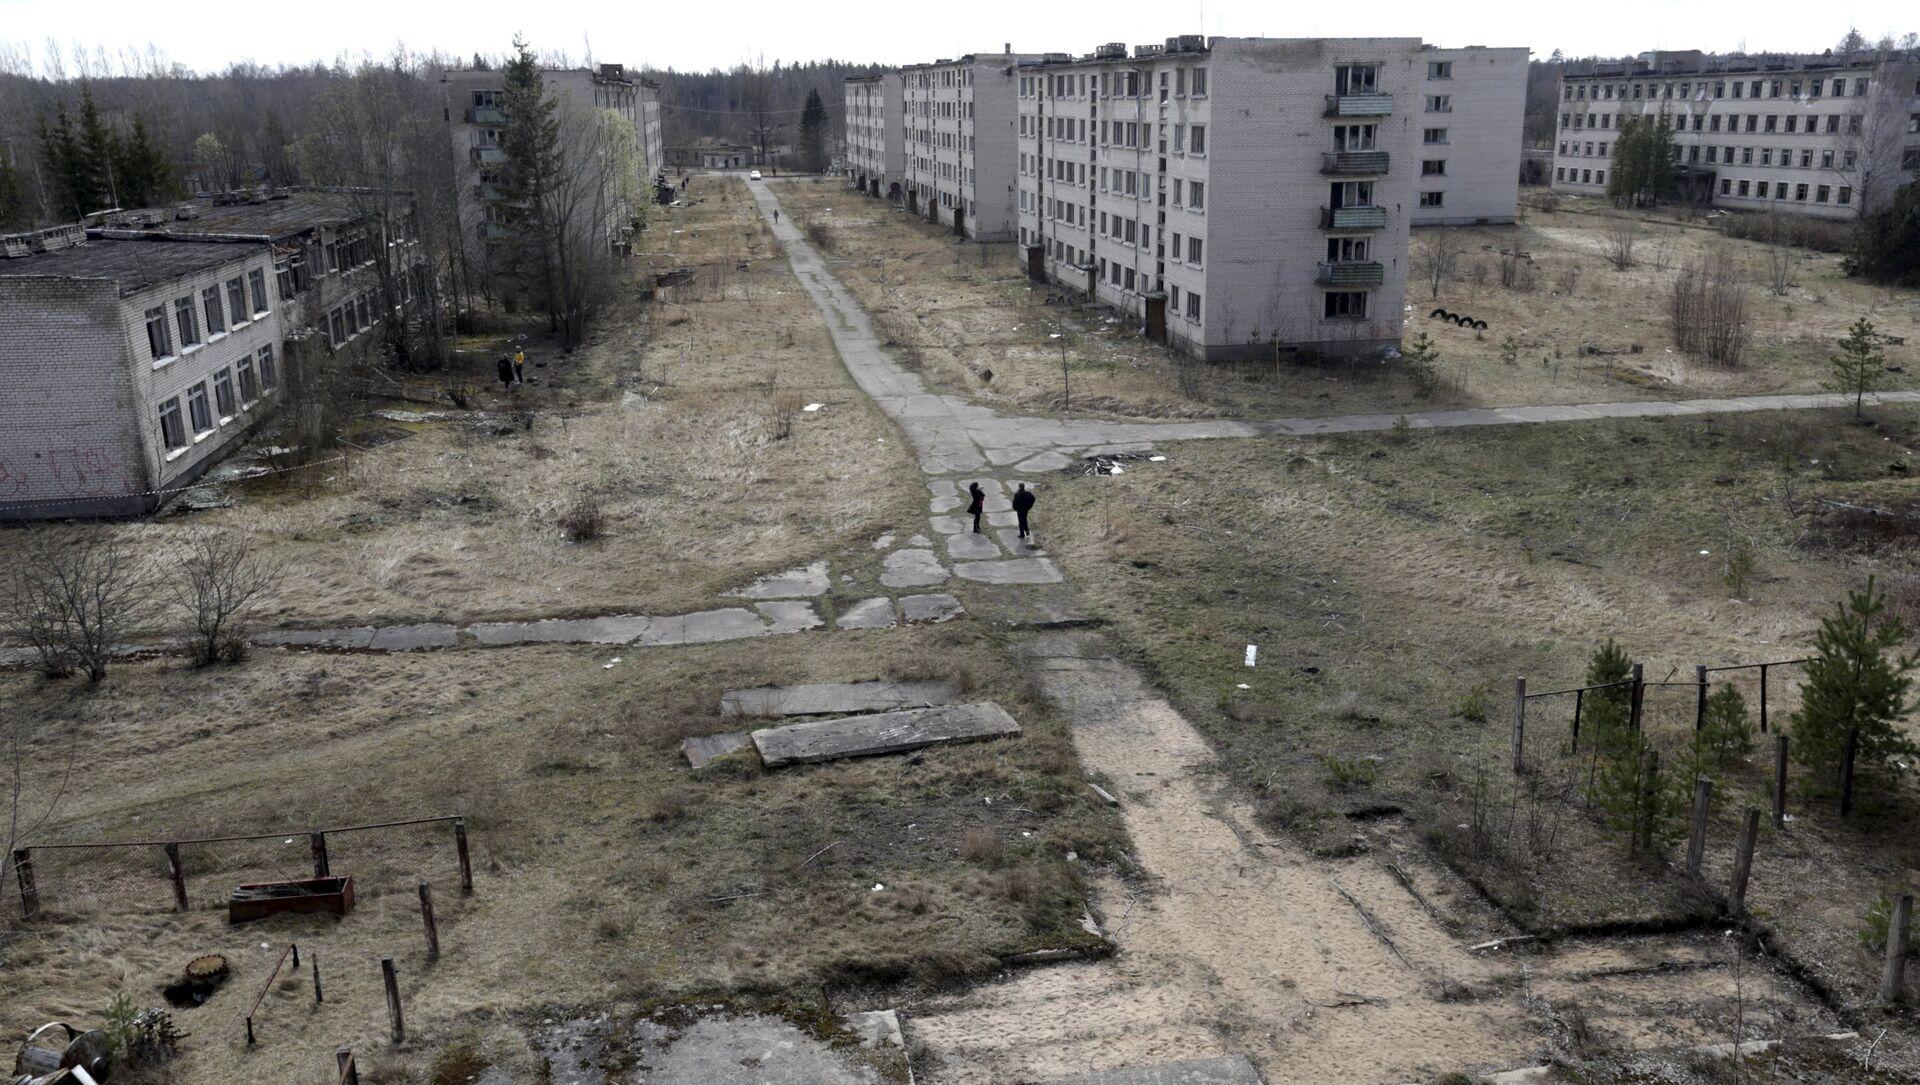 La vista de una ciudad abandonada en las cercanias de Skrunda, Letonia - Sputnik Mundo, 1920, 08.06.2018